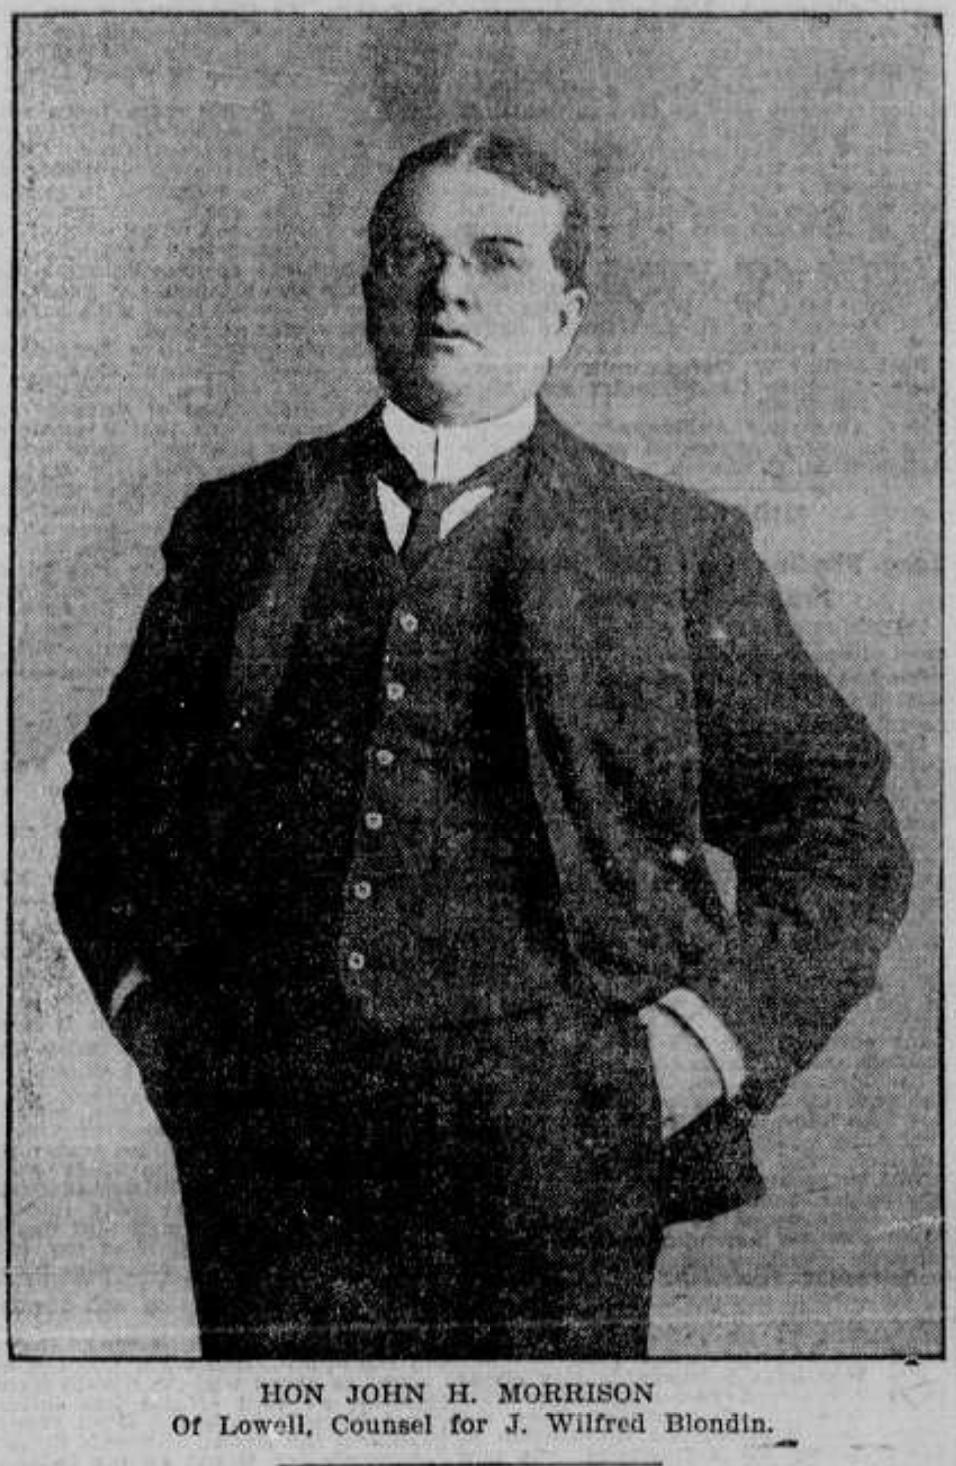 John R. Morrison, Blondin's attorney